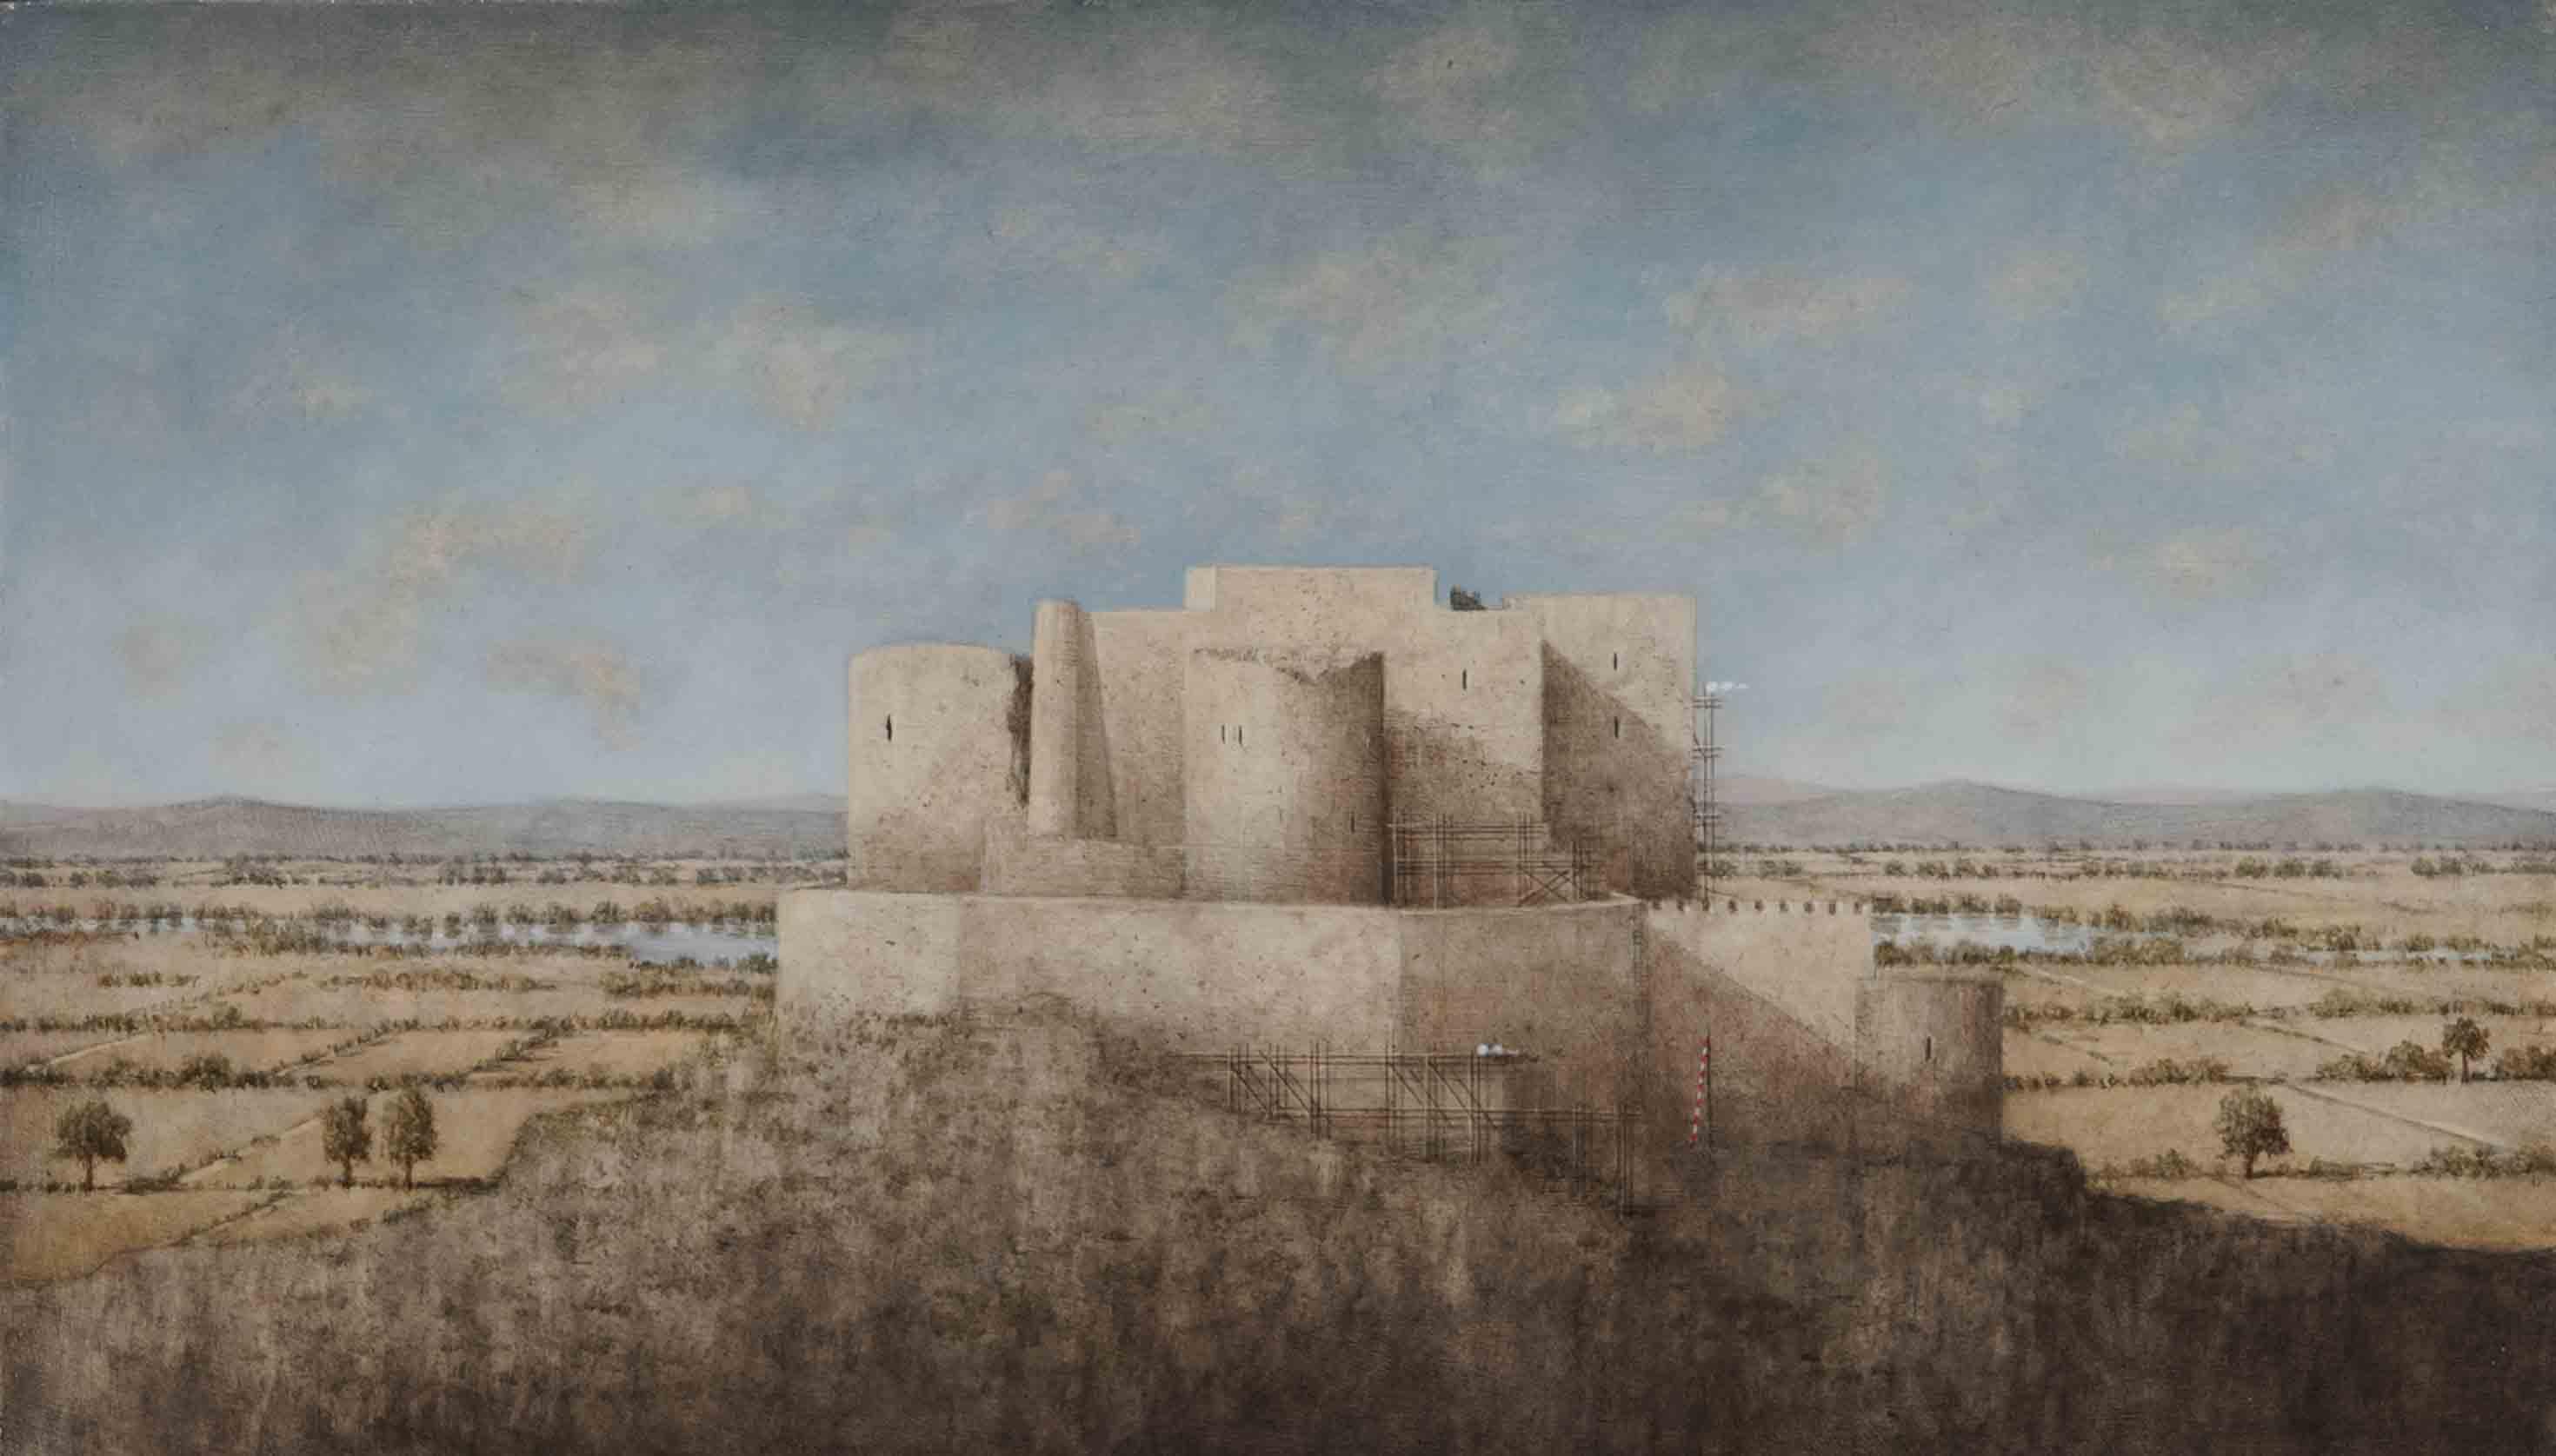 Kapor, Ana: The Fortress